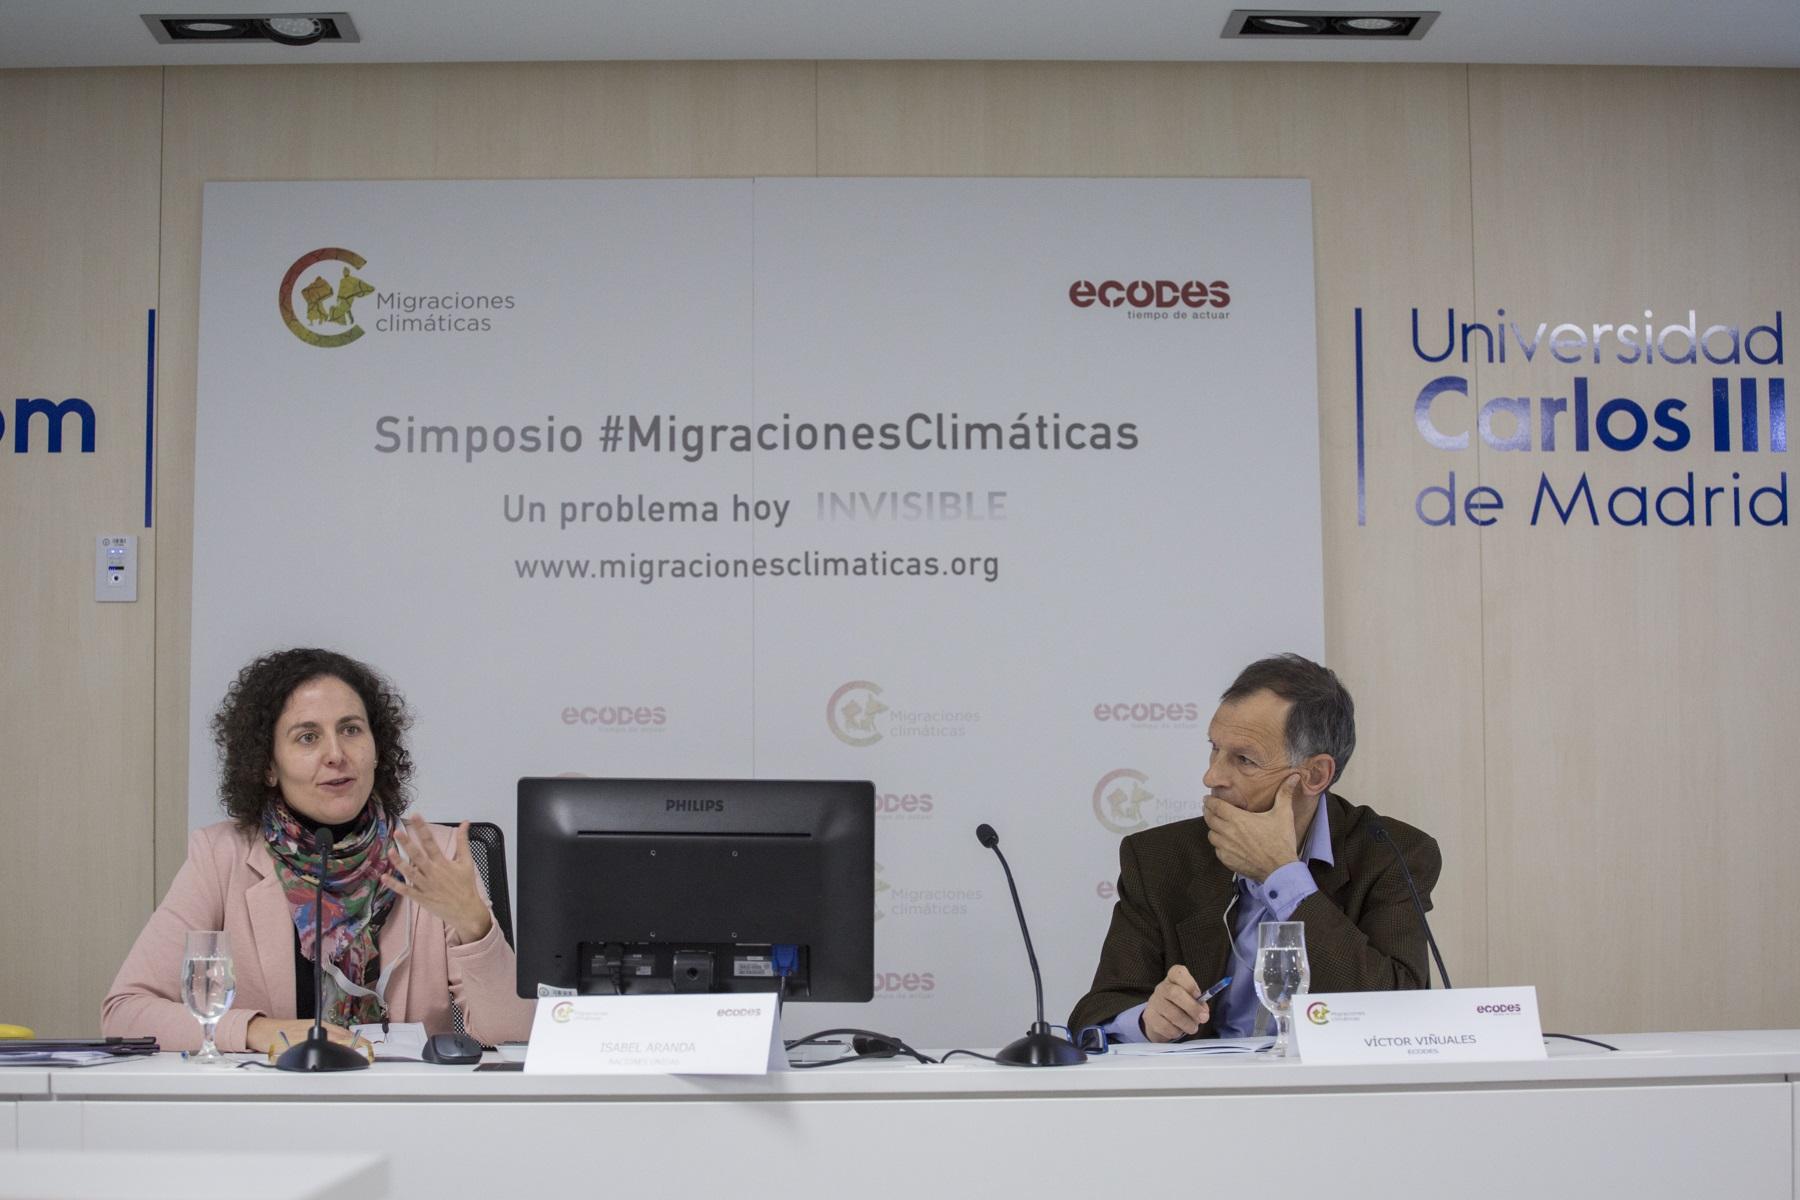 Expertos En Migraciones Climáticas Constatan Que éstas Son Ya Un Desafío Internacional Y Una Realidad Que Debe Ser Gestionada